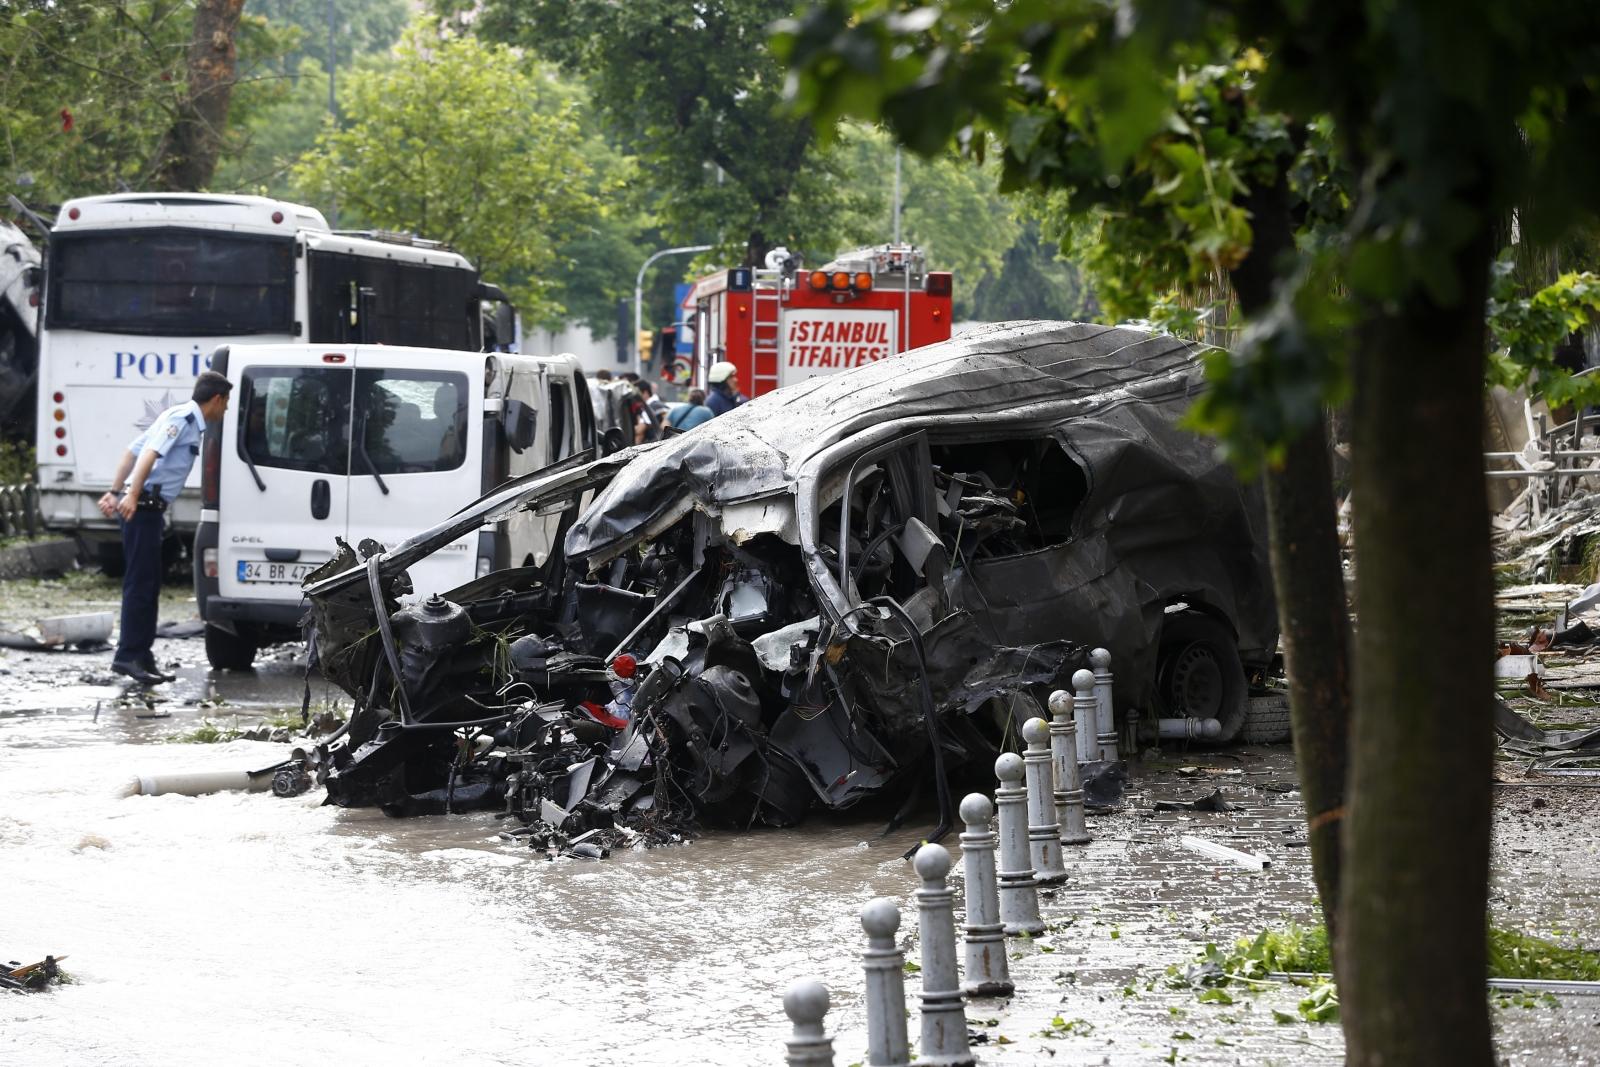 A destroyed van